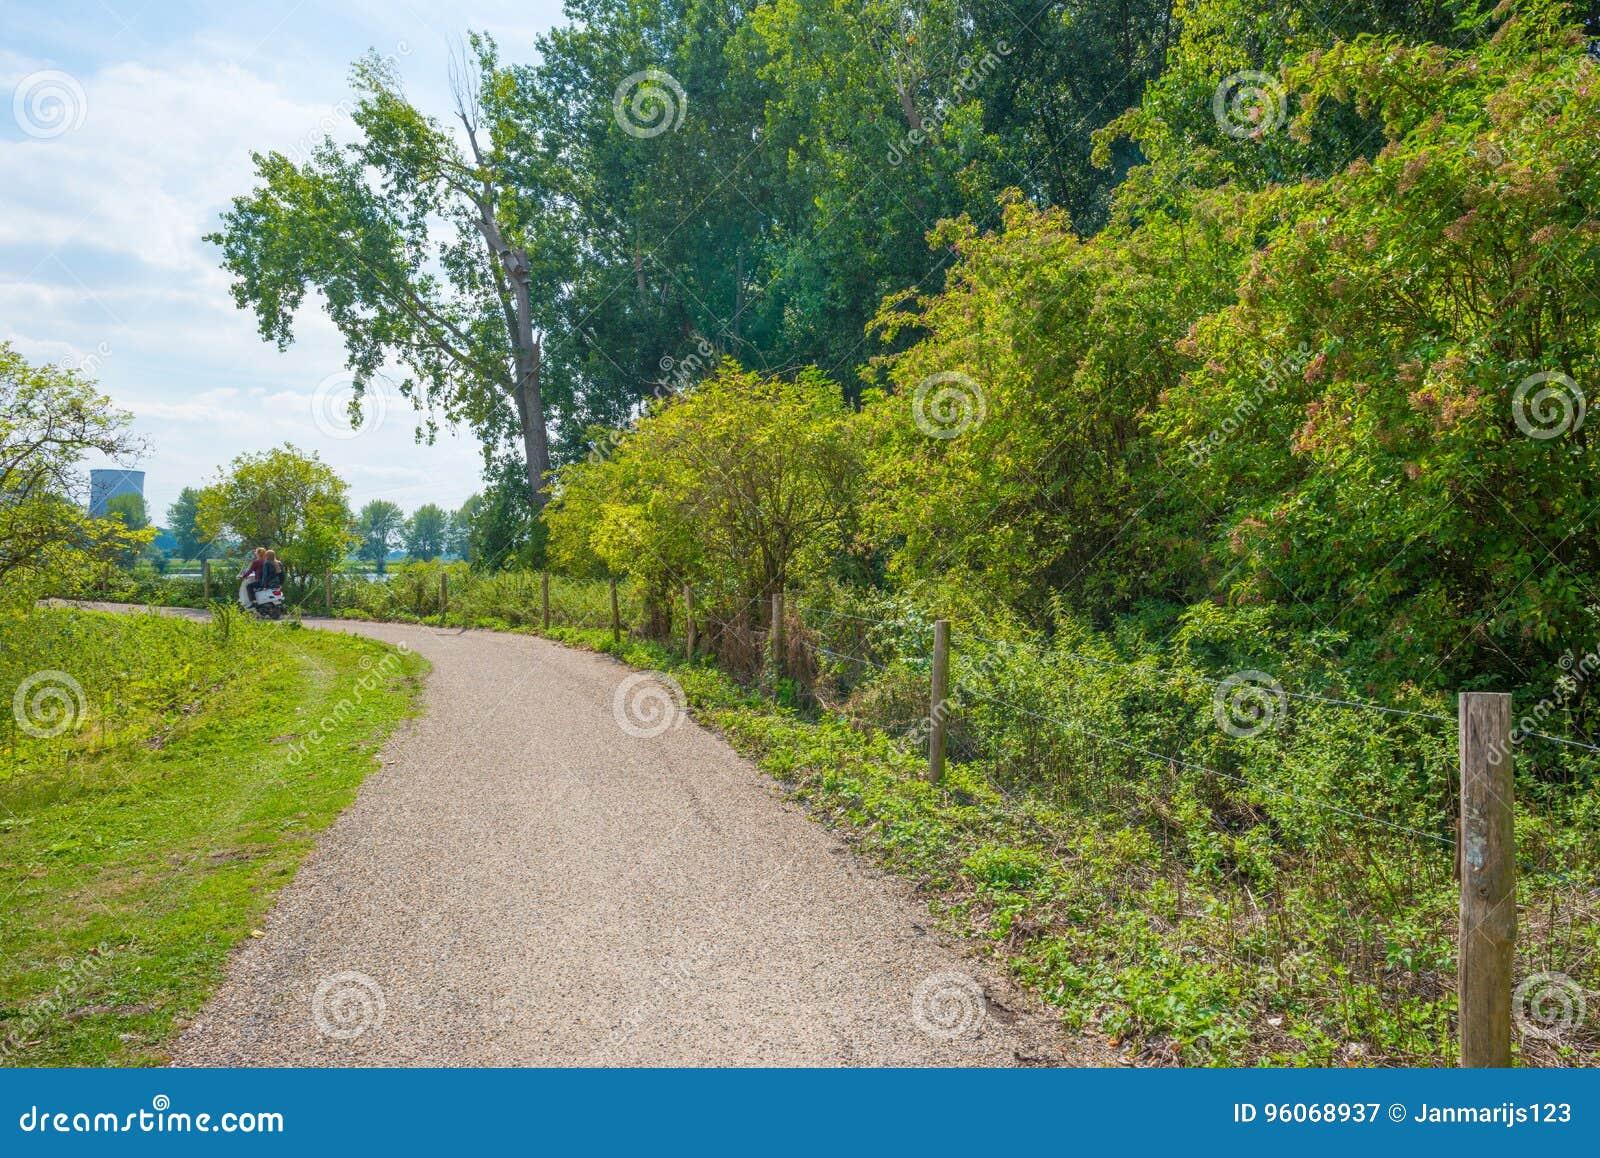 Allez à vélo le chemin par un champ rayé par arbre en été